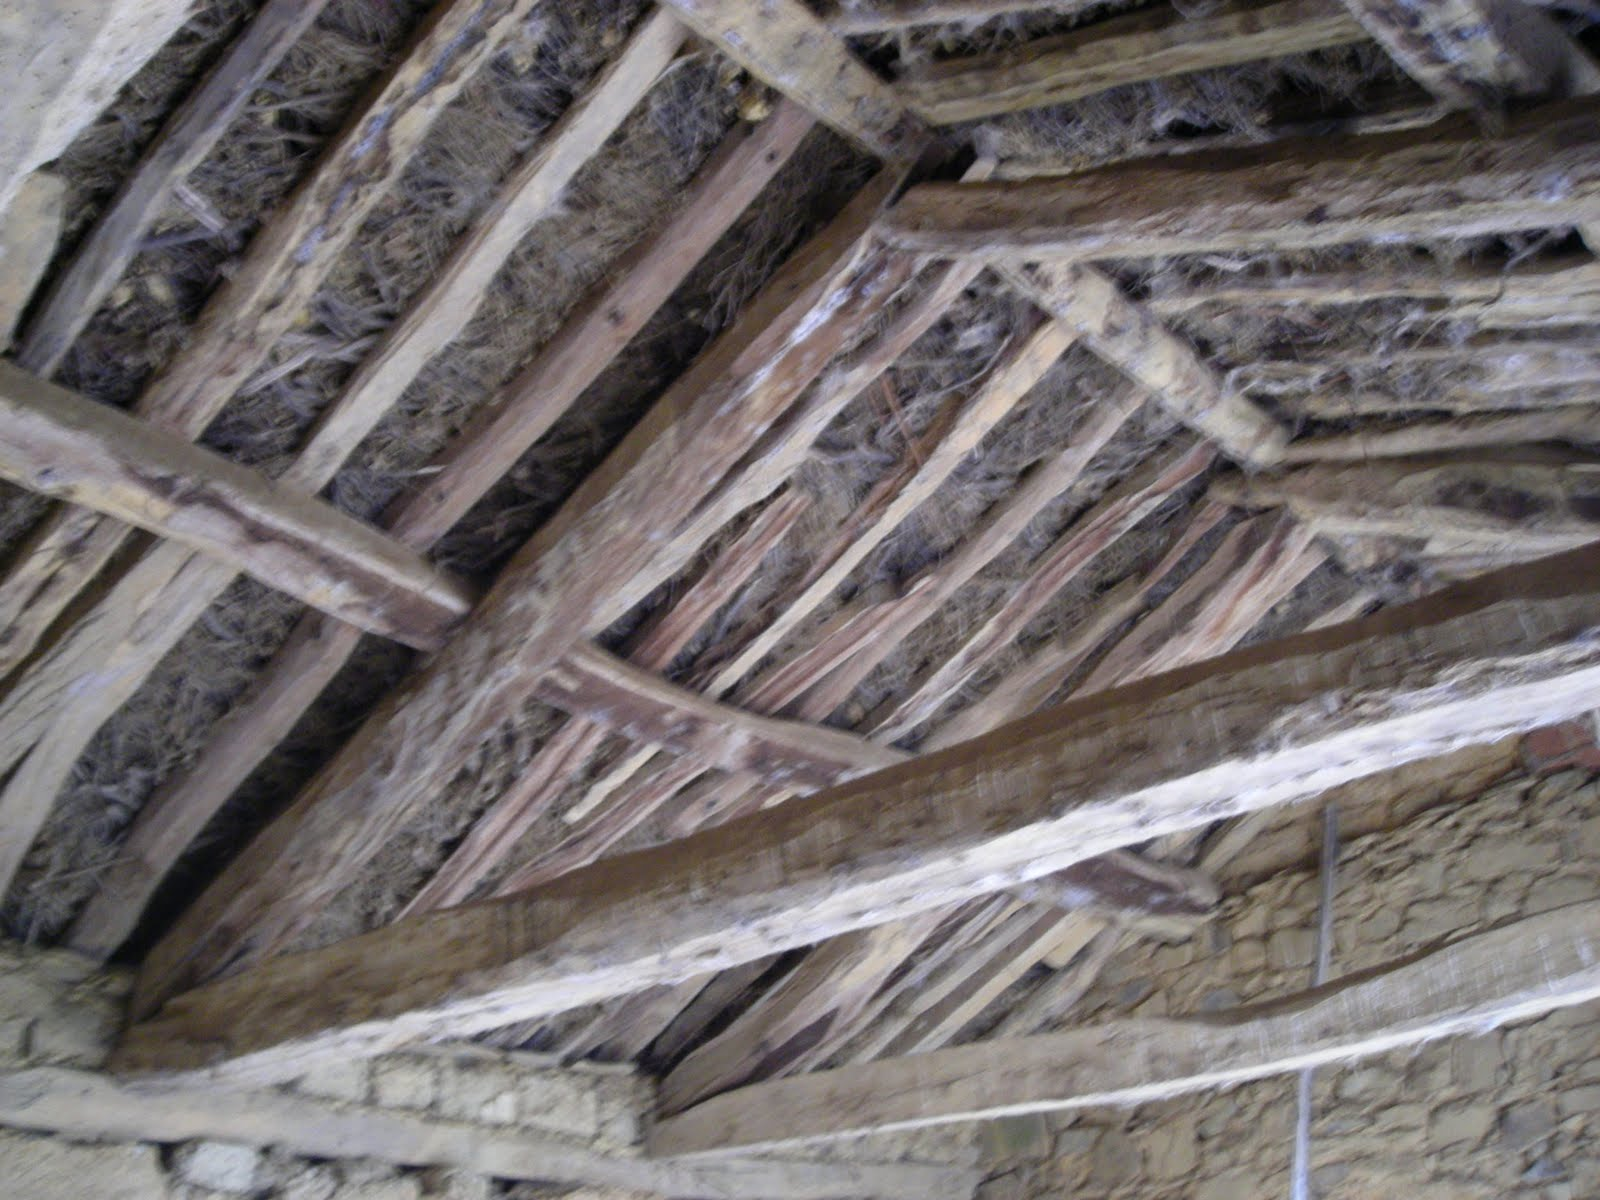 El ti joaqu n com los tejados de ripia y teja rabe for Tejados de madera antiguos